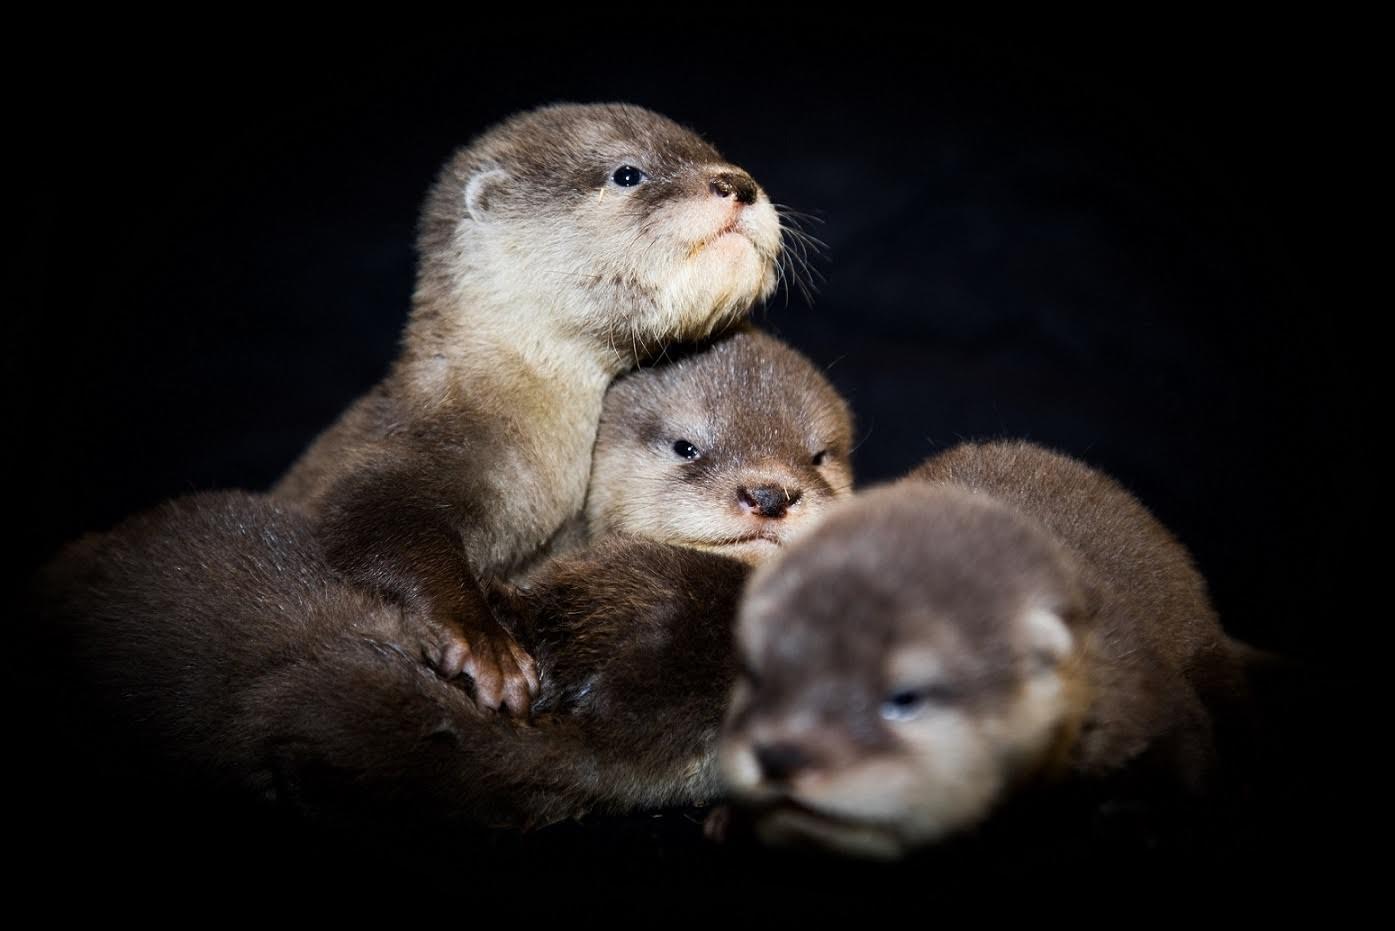 دبي أكواريوم وحديقة الحيوانات المائية يعرض صغار ثعالب الماء لأول مرة